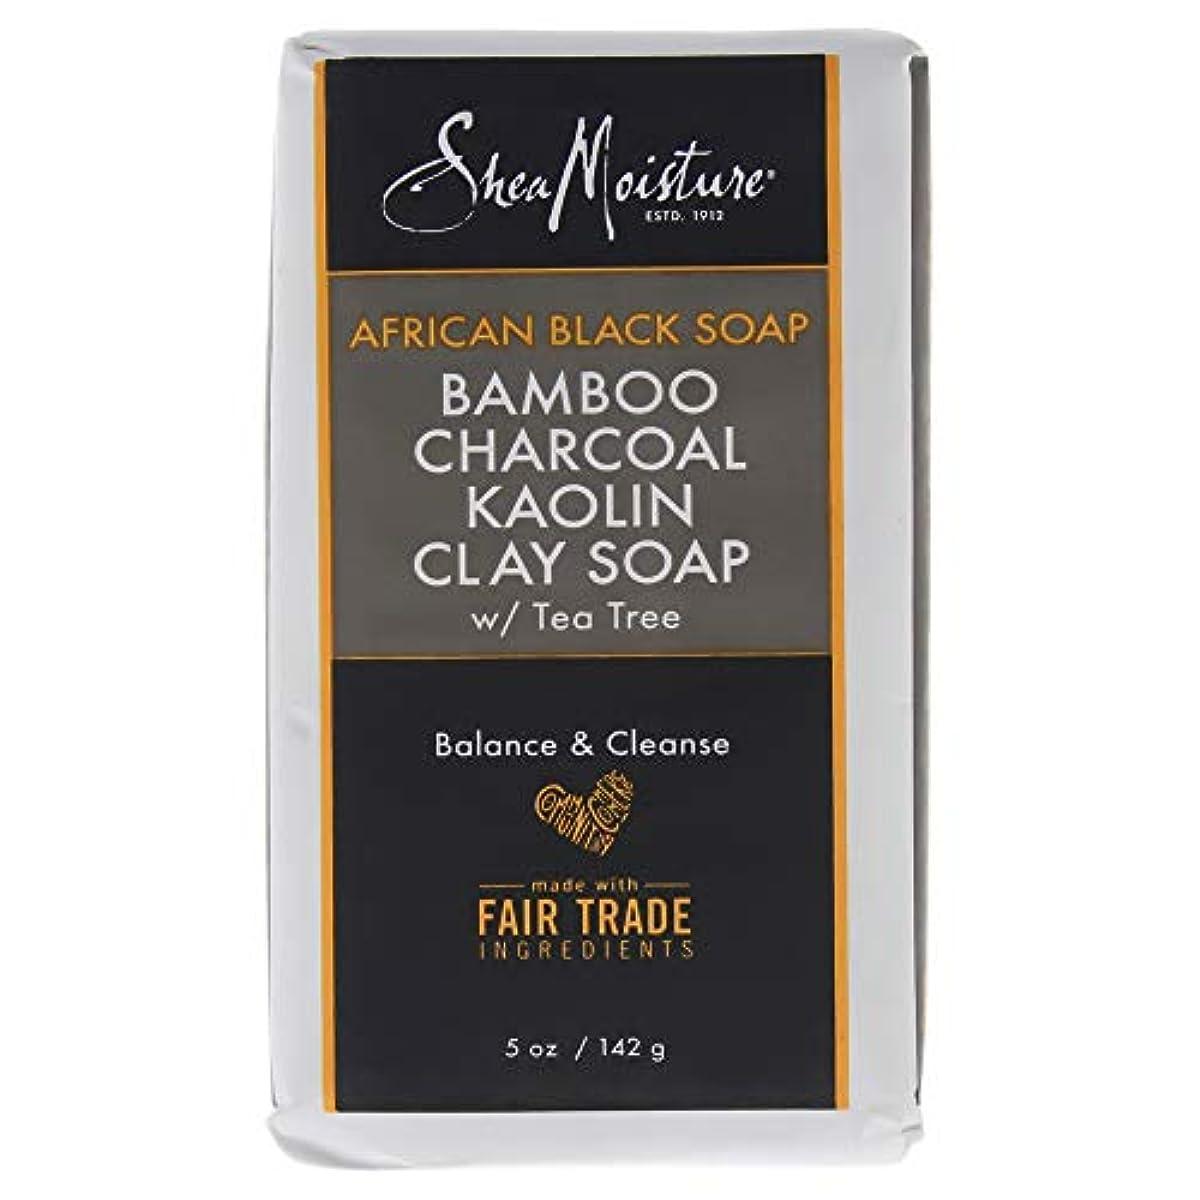 等価スイング感染するAfrican Black Soap Bamboo Charcoal Kaolin Clay Soap